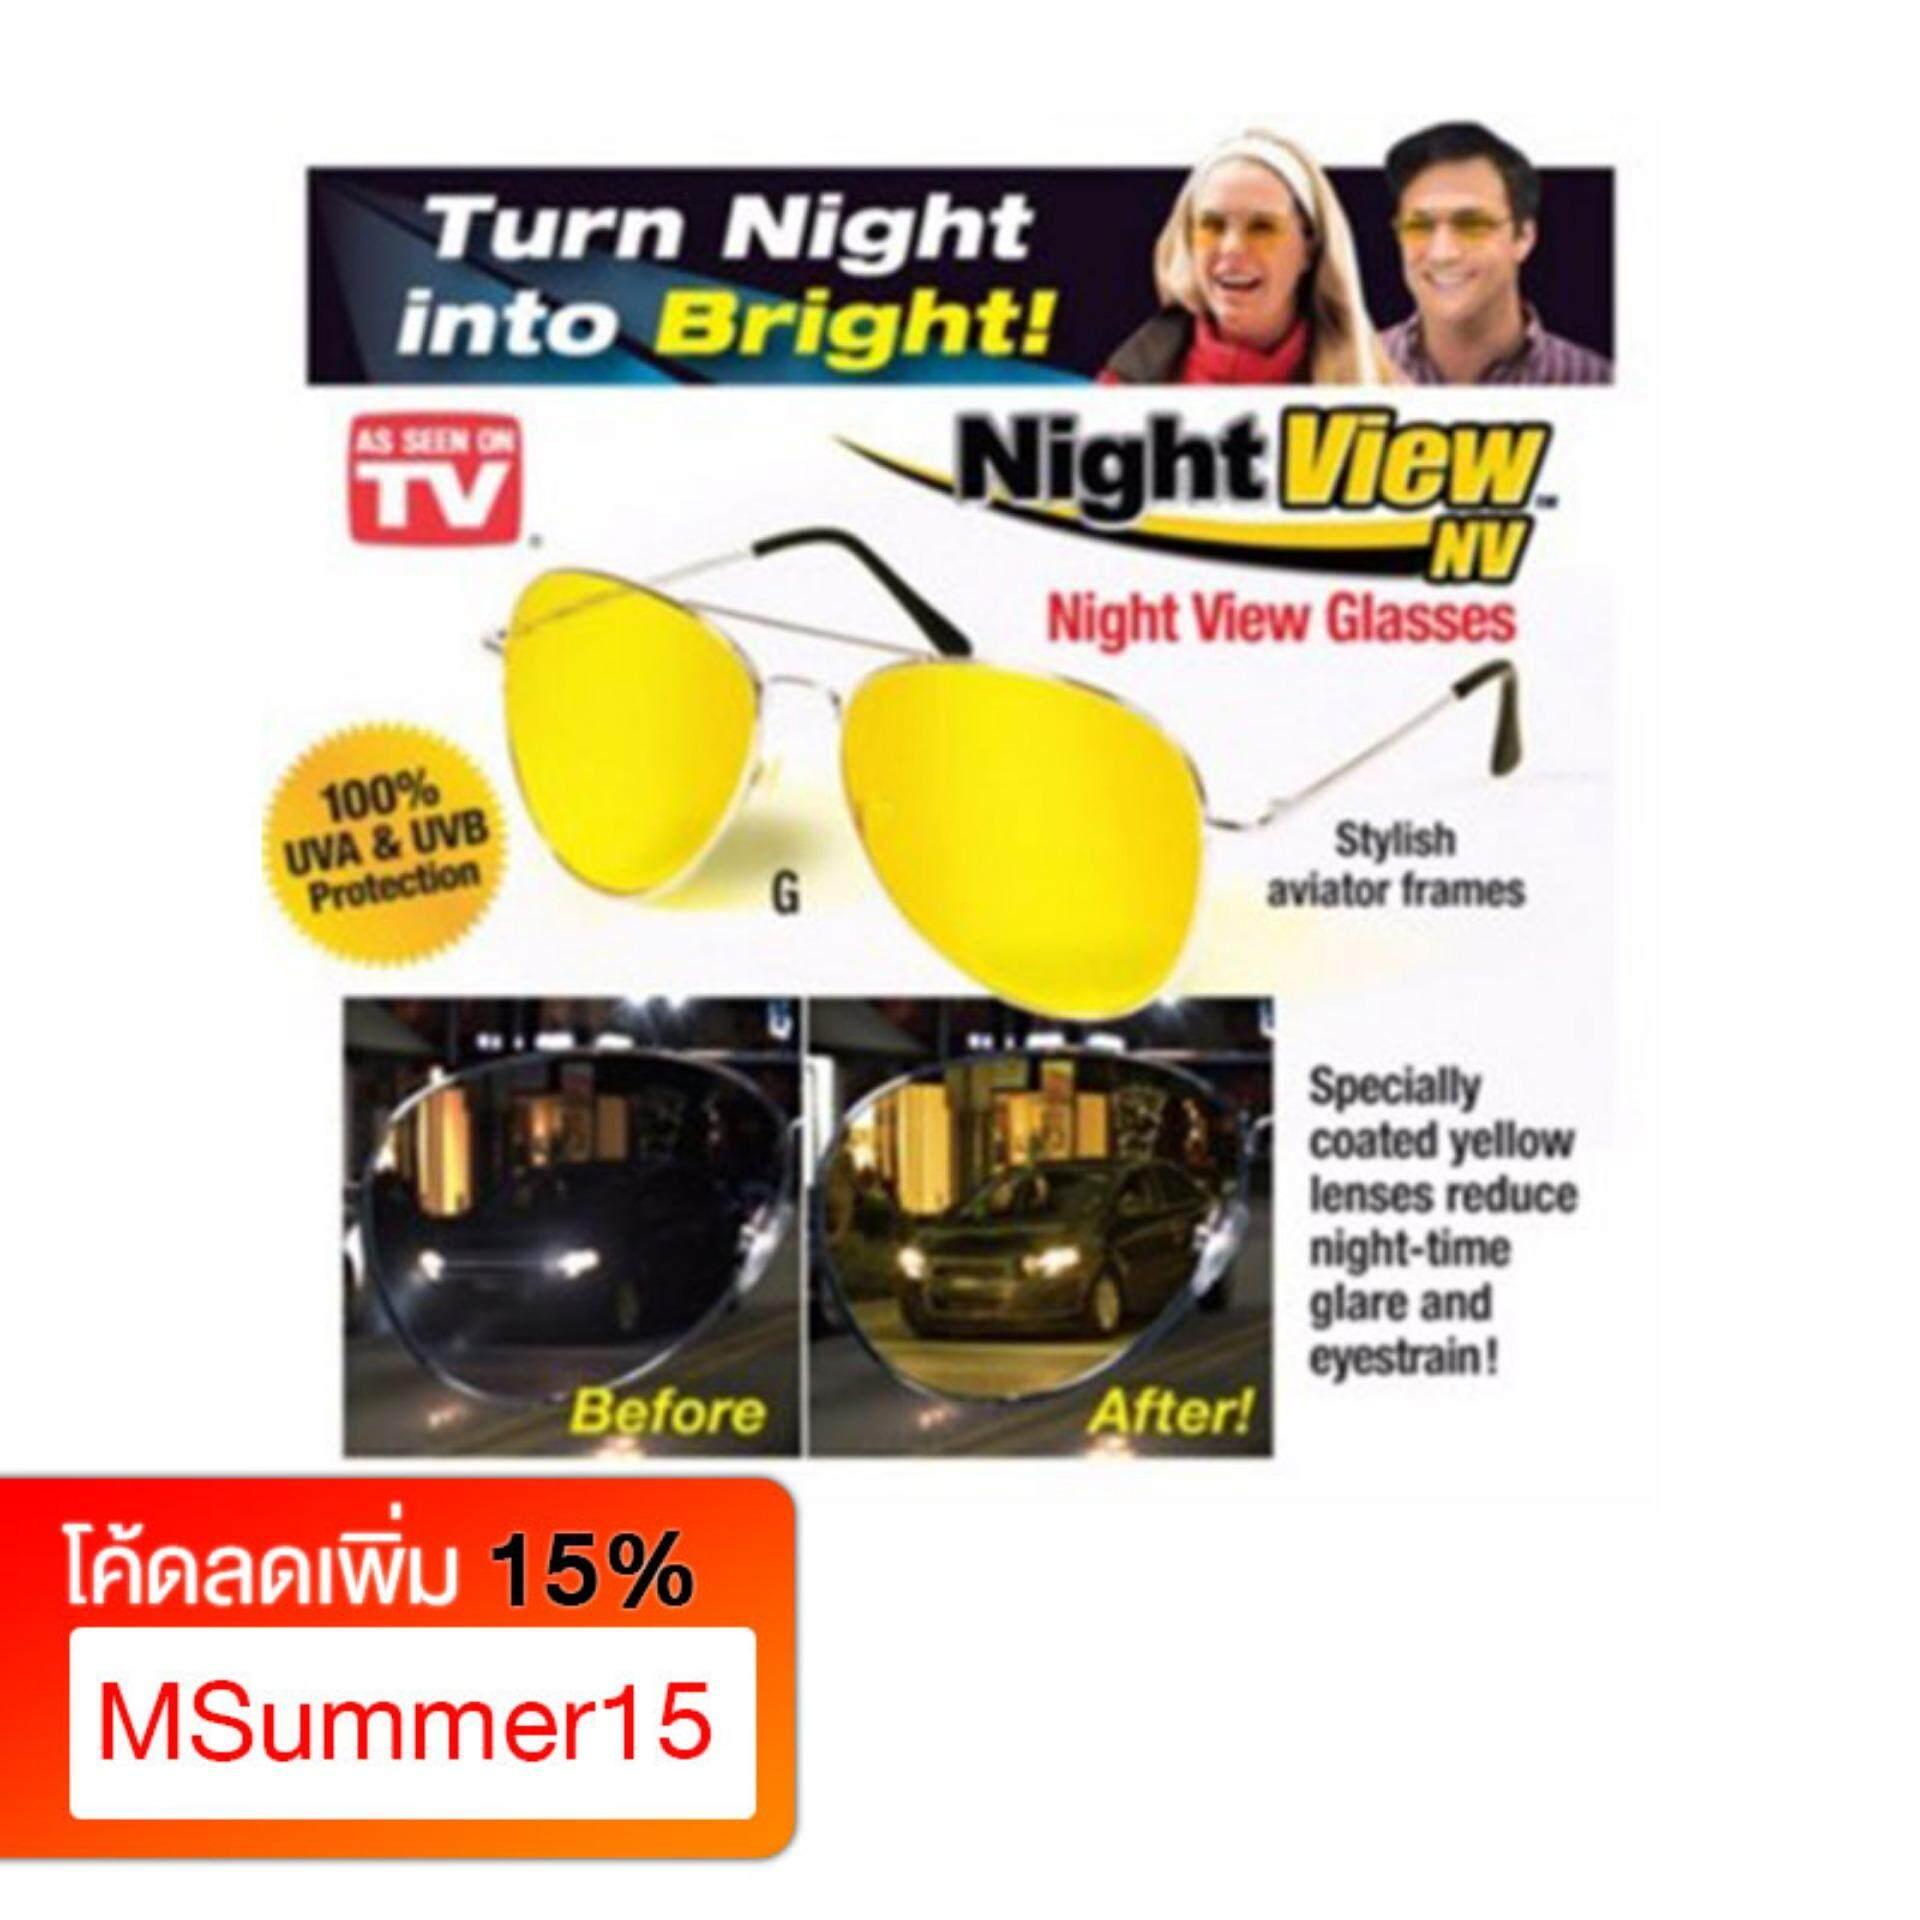 ซื้อ แว่นตาขับรถกลางคืนอัจฉริยะ แว่นตาตัดหมอก แว่นตาขับรถกลางคืน โพลาไรซ์ Ray Ban Polarized รุ่น Night View Nv Polarized Glasses ซื้อ 1 แถม 1 ฟรี Night Drive